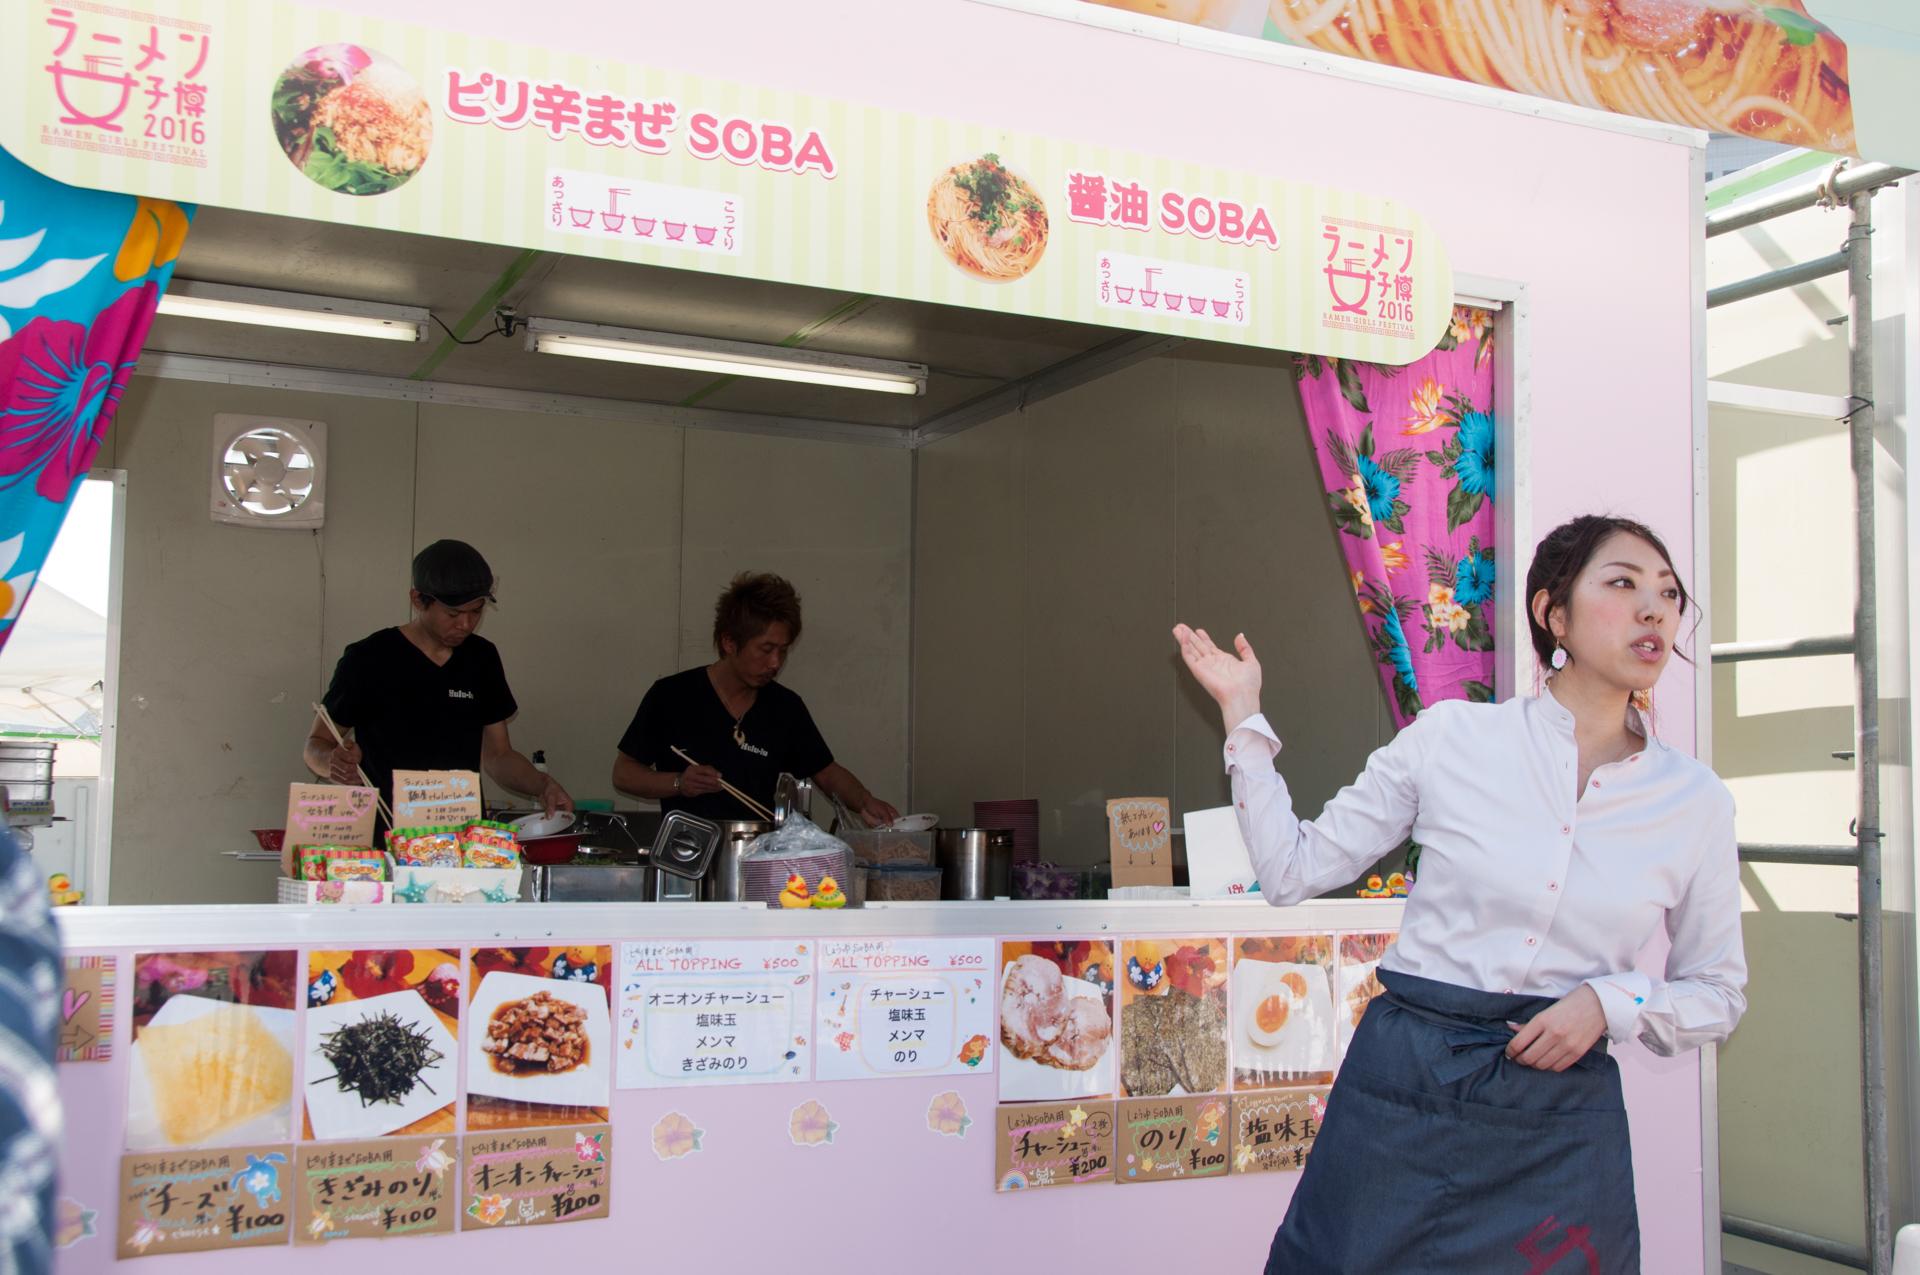 ラーメン女子博 麺屋 Hulu-lu「ピリ辛まぜSOBA」